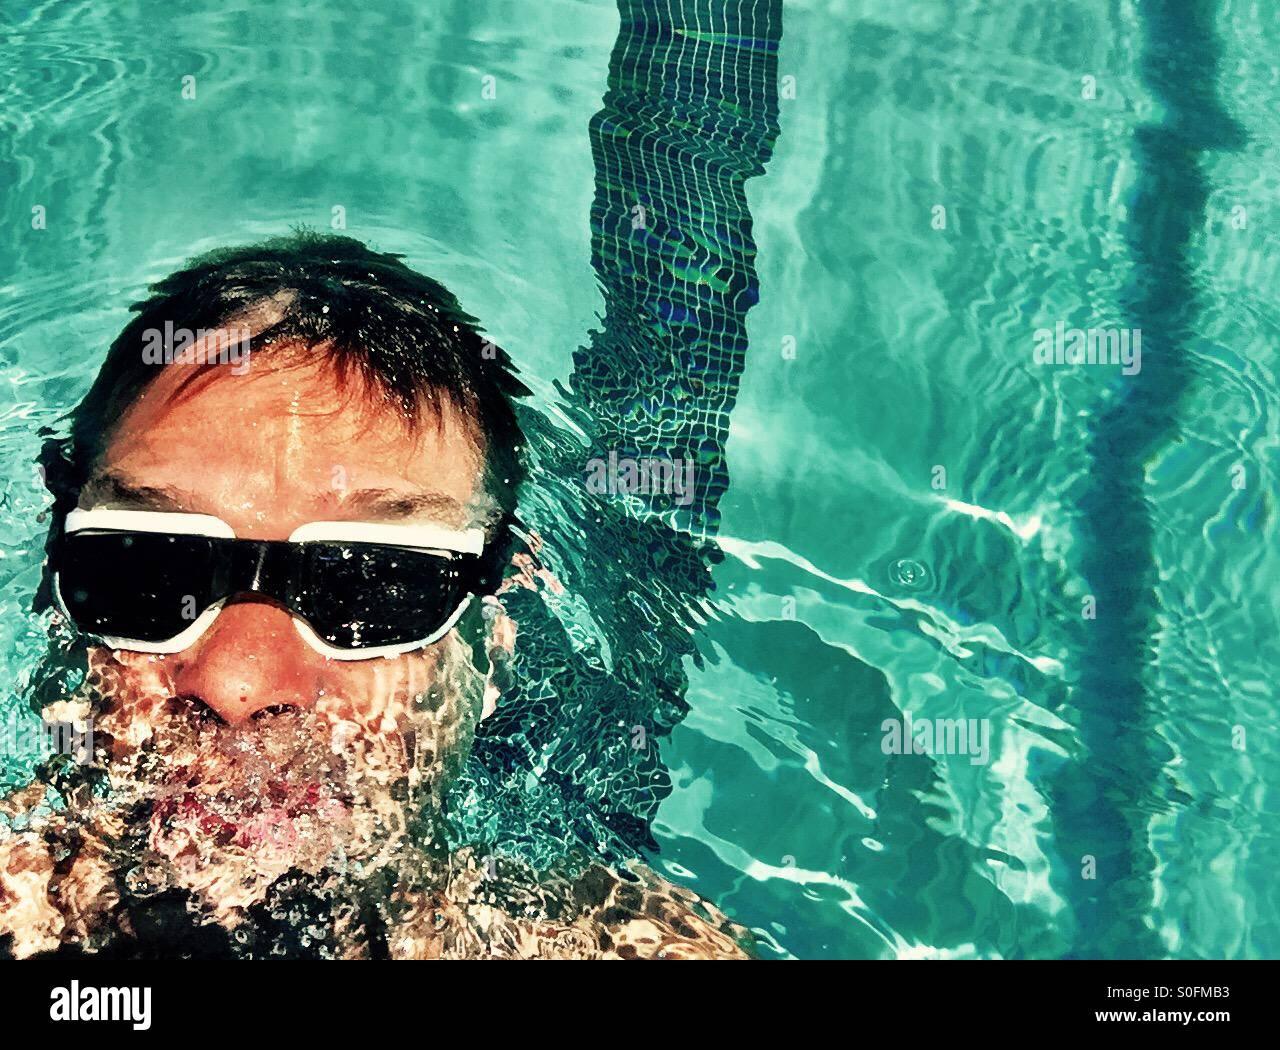 El nadador. Vista superior de la espalda sobre el hombre nadar en una piscina al aire libre. Imagen De Stock